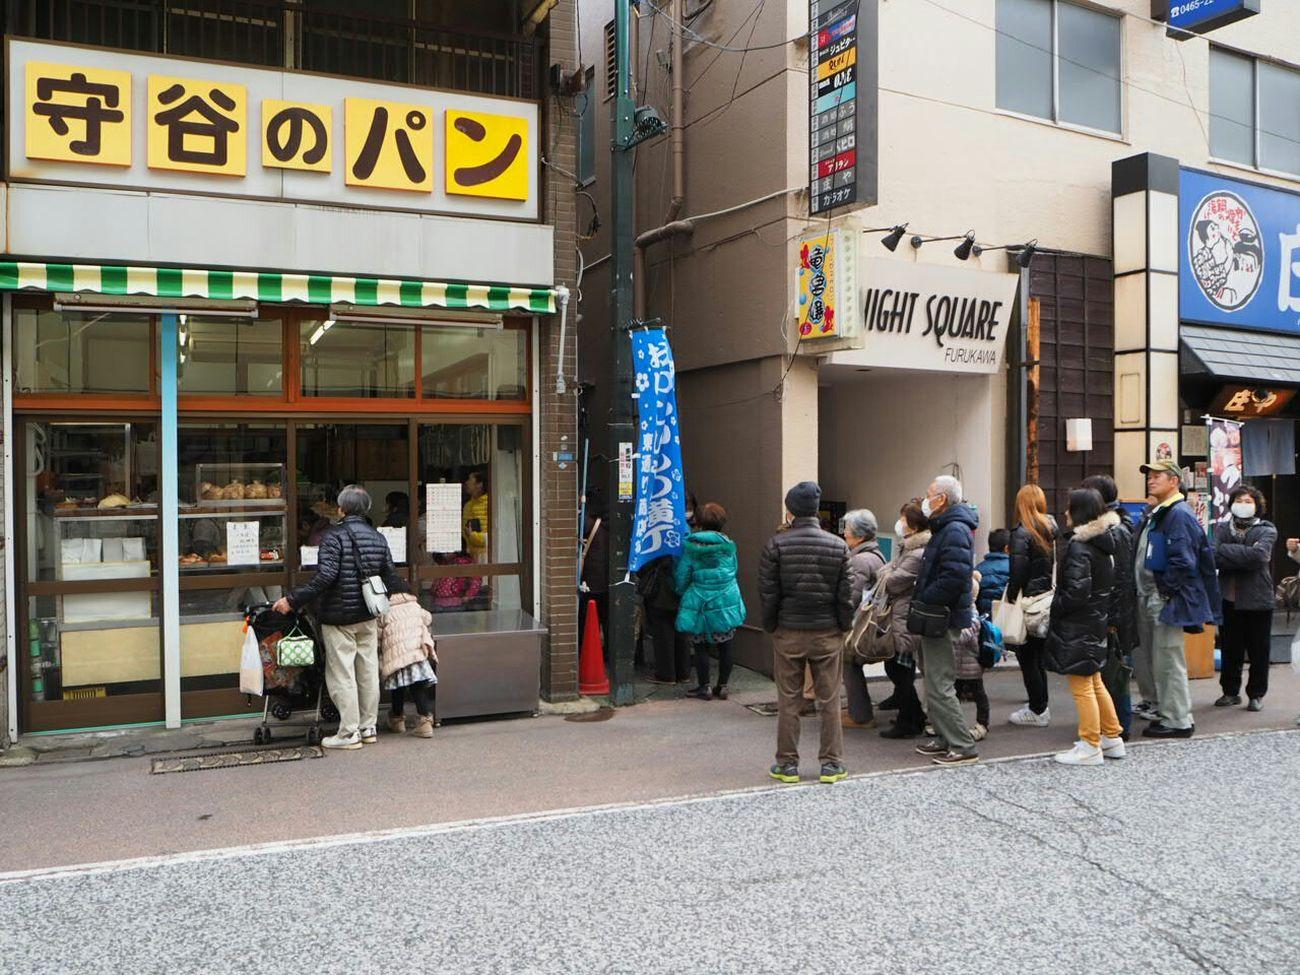 行列 ばん LINE Fresh Bread Popularity Street Photography Olympus Om-d E-m10街中のパン屋さん。余りに混んでて買うのを断念(苦笑)。